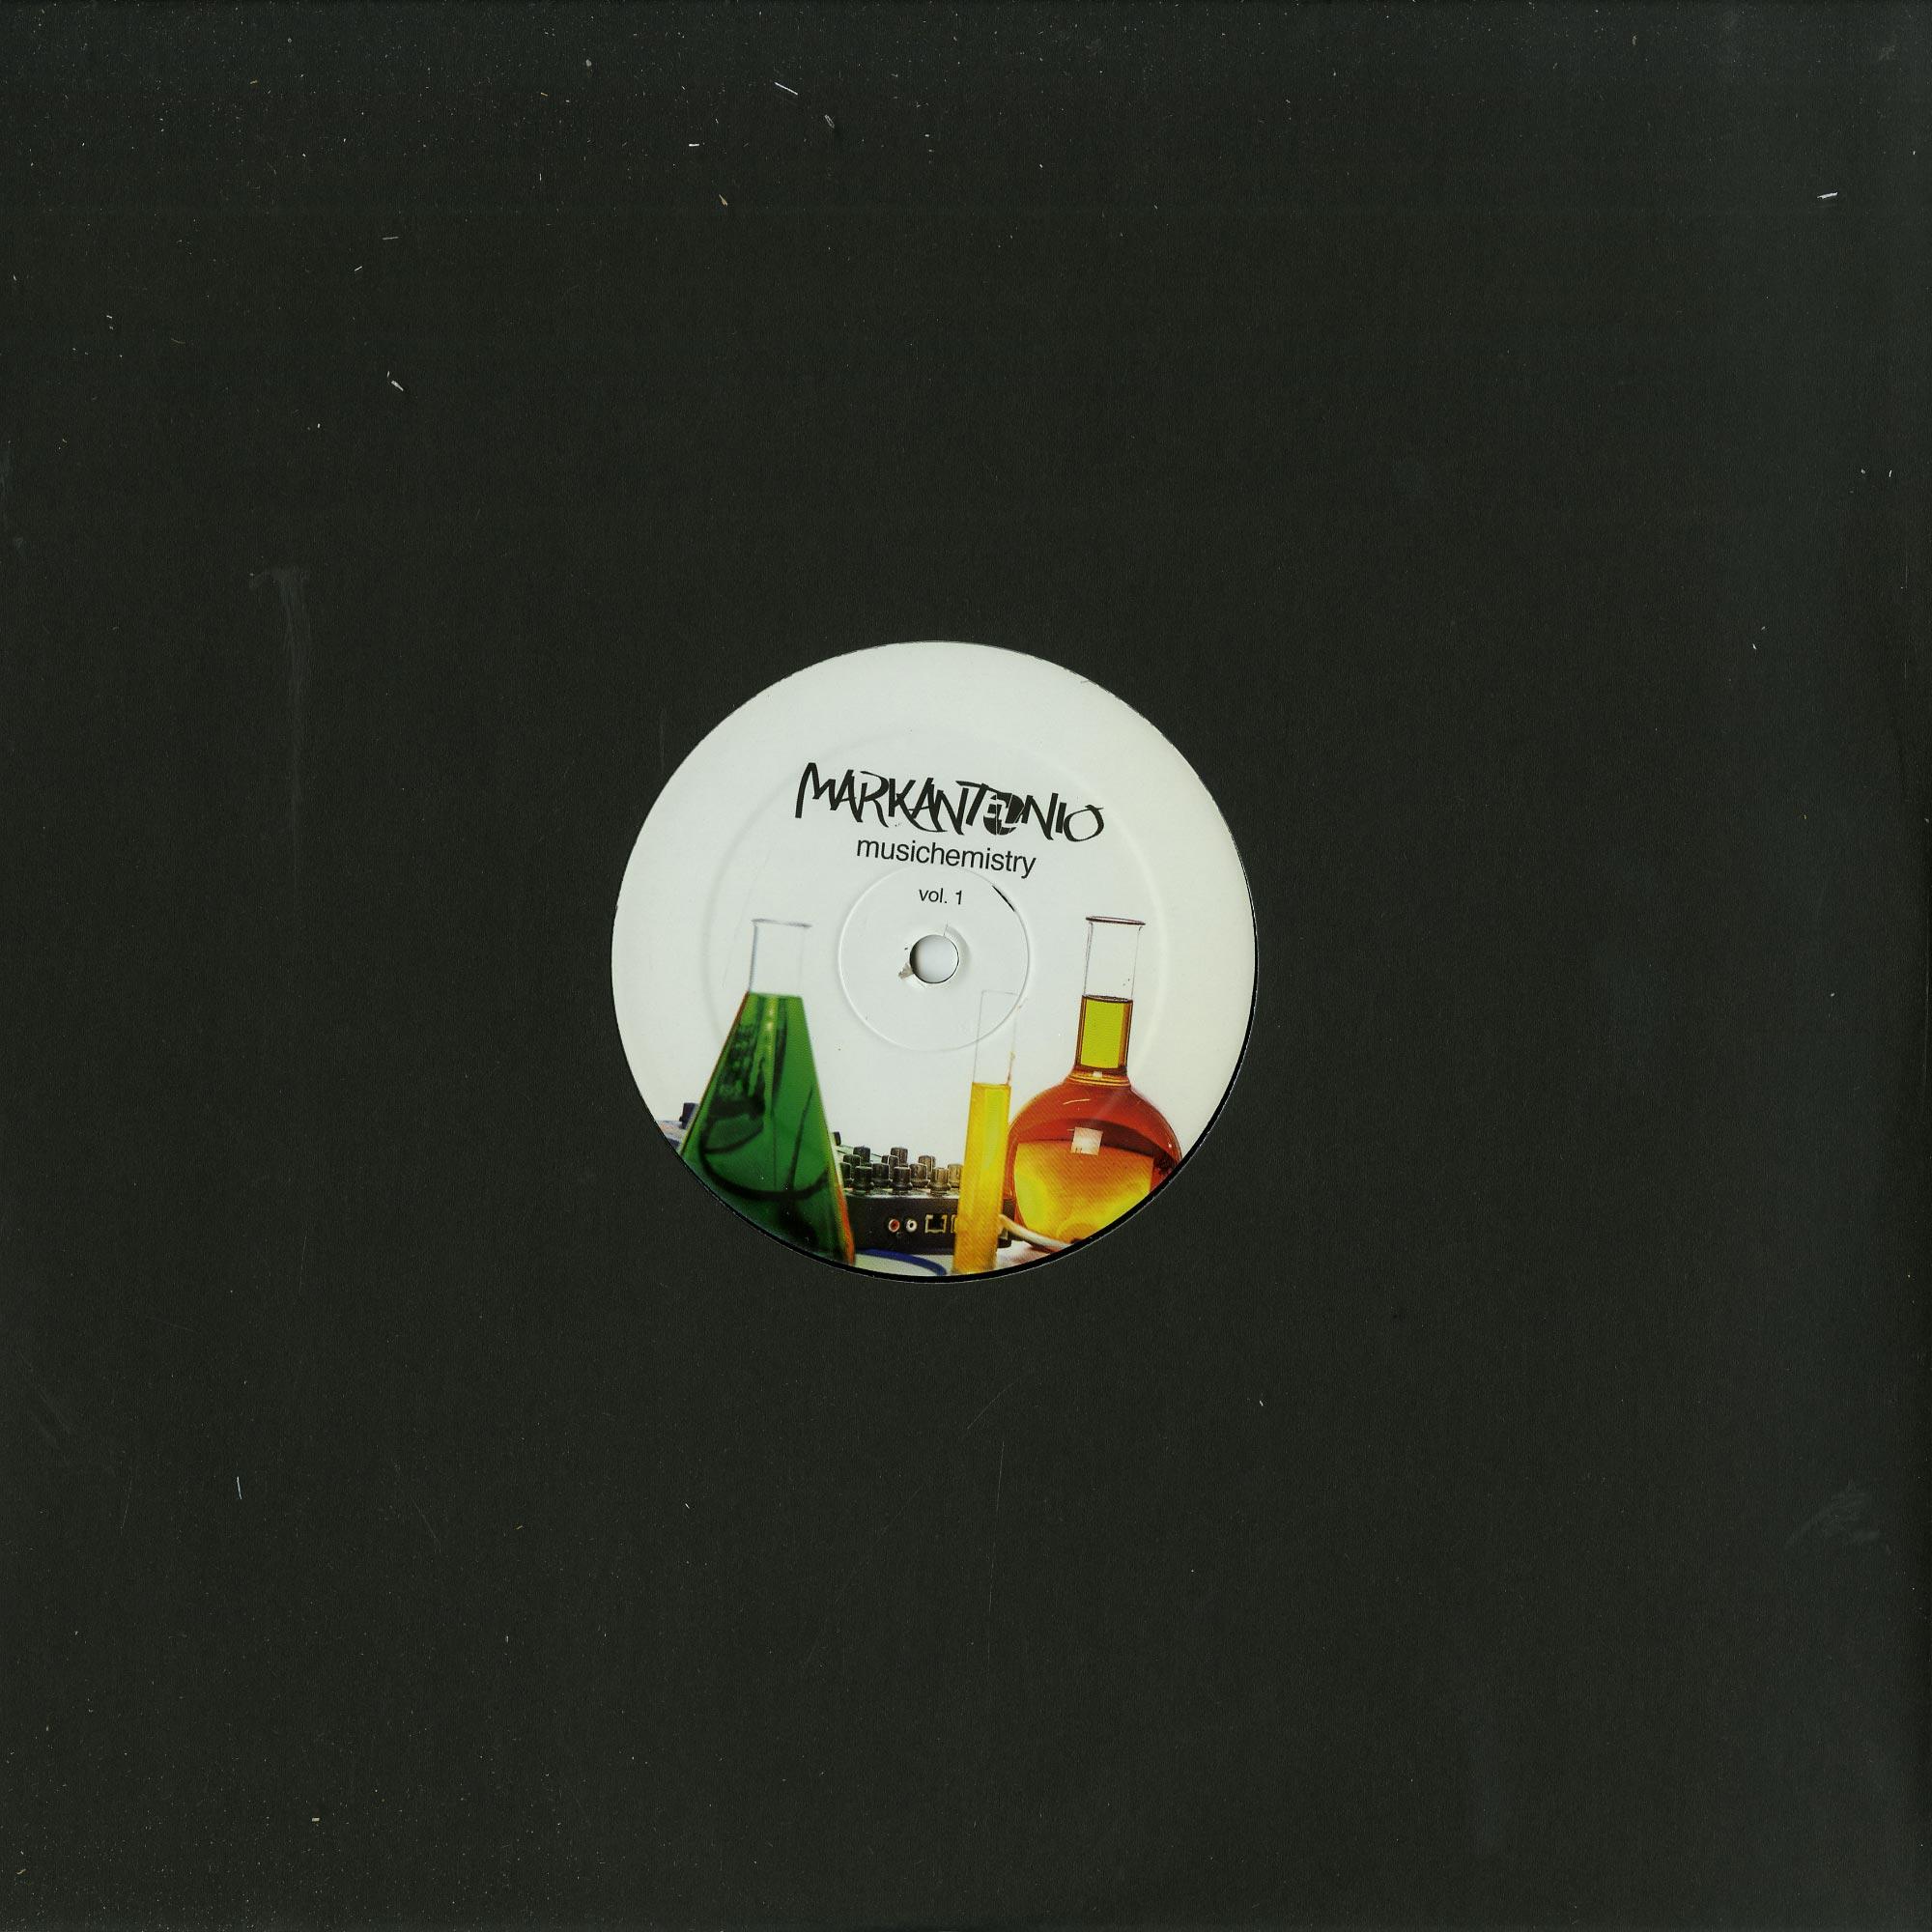 Markantonio - MUSICHEMISTRY VOL. 1